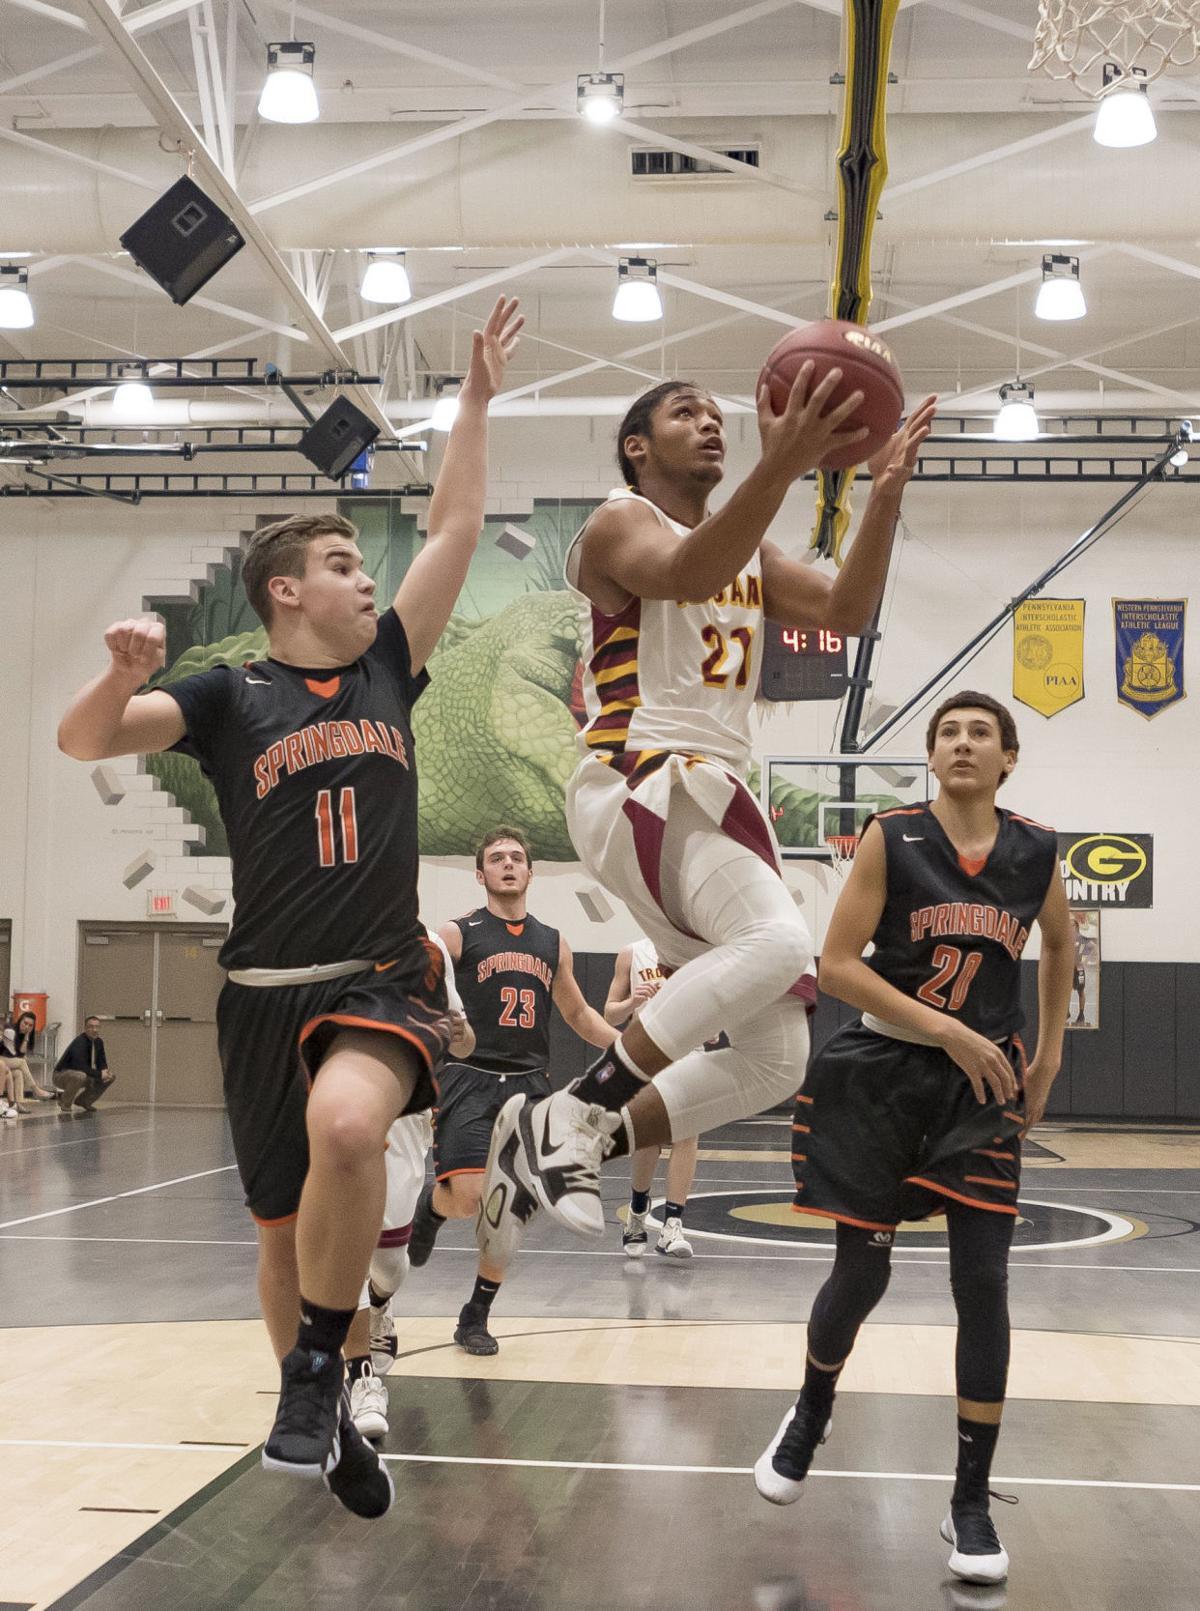 Ryan soars through the air